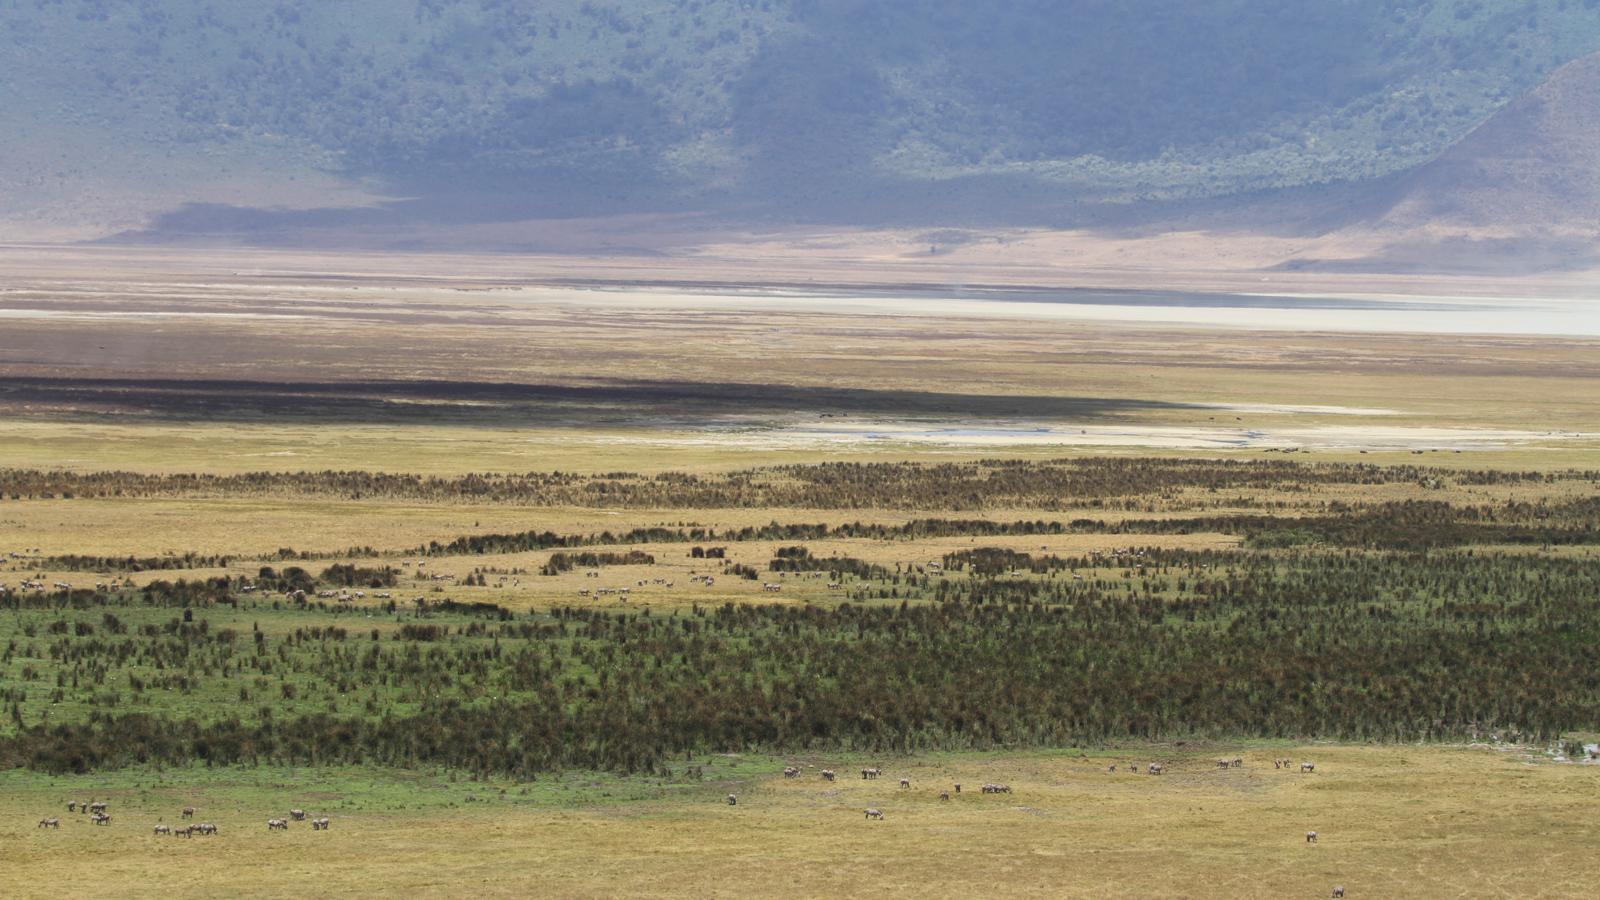 Ngorongoro Crater Africa S Garden Of Eden A Tanzania Travelogue